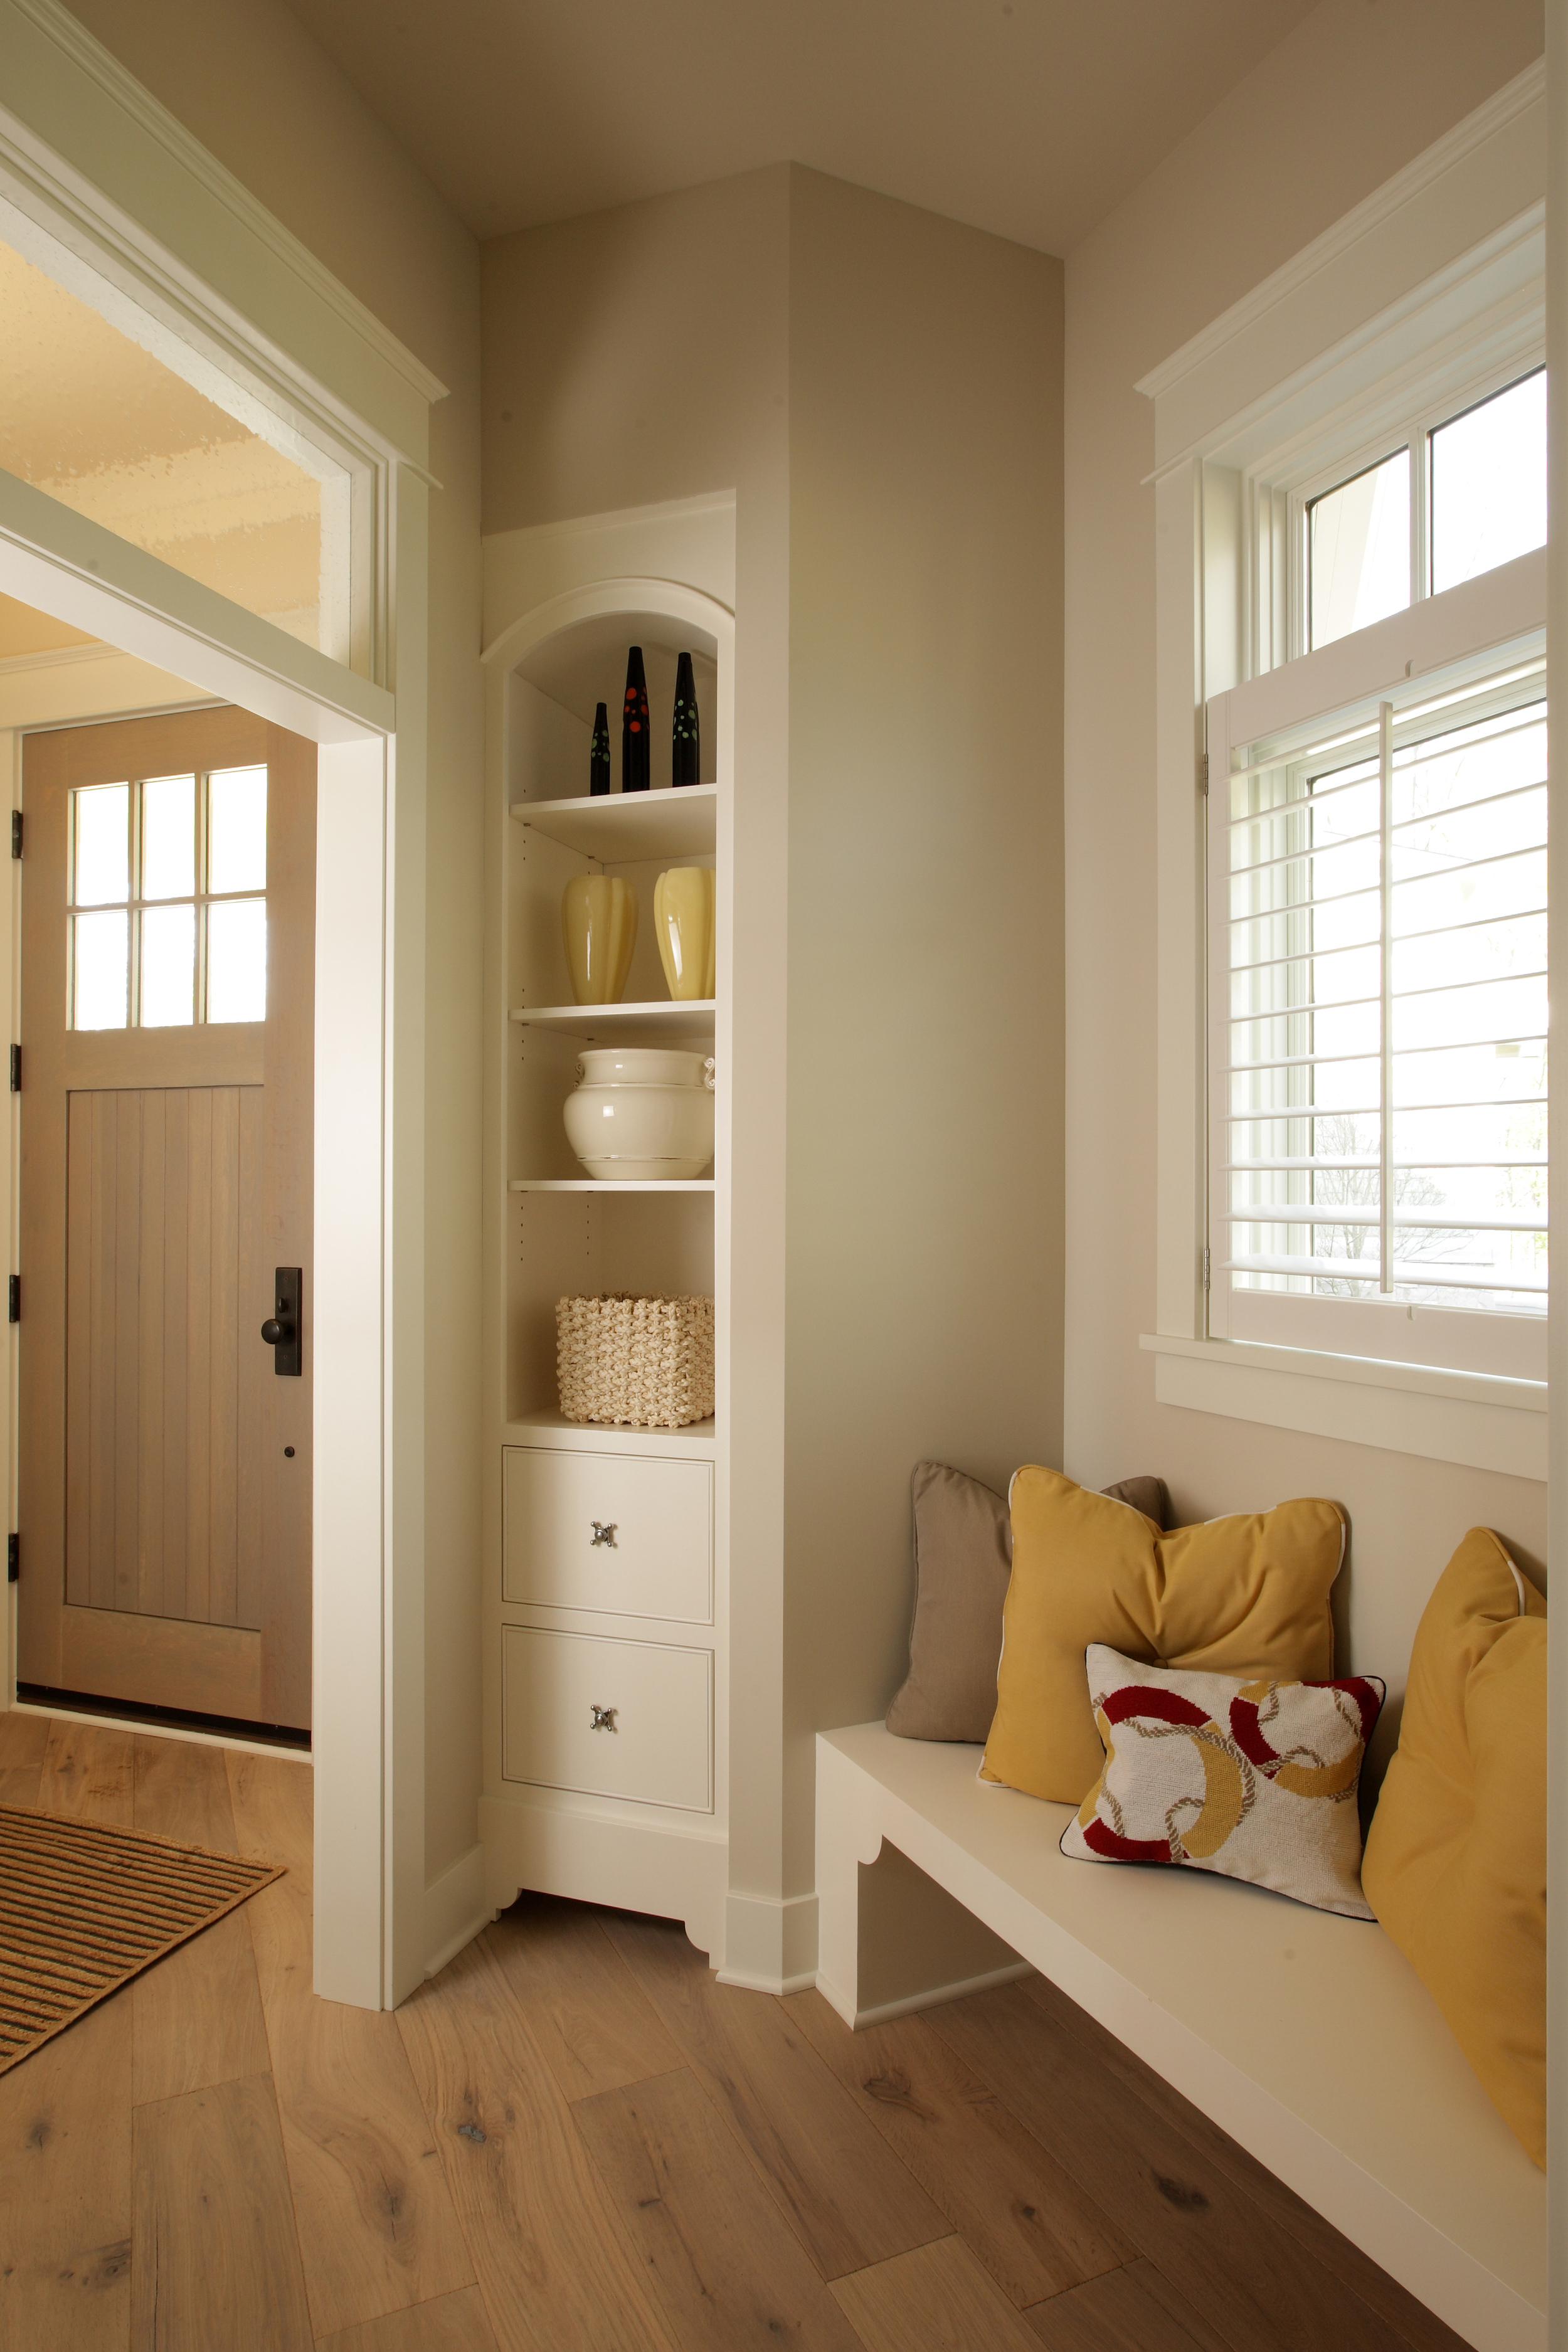 Built-in_Design Home 1016.jpg